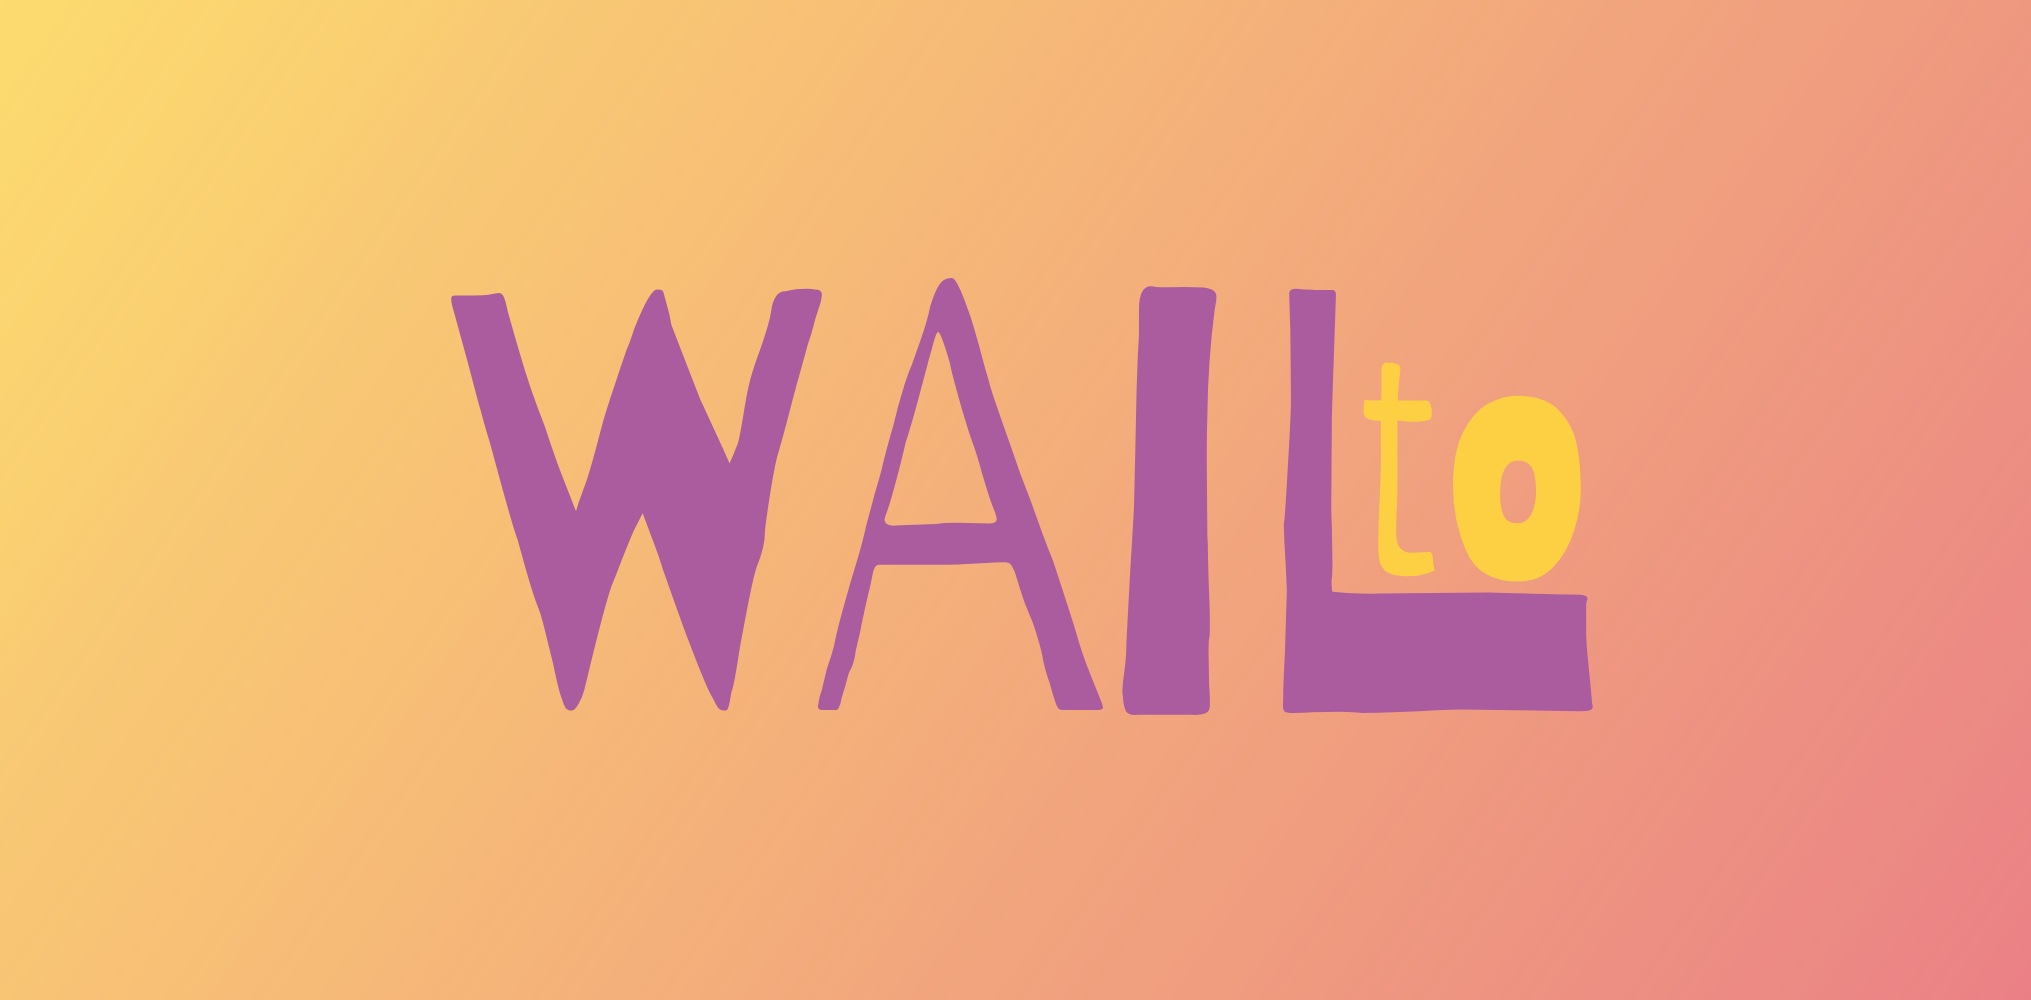 WAILto